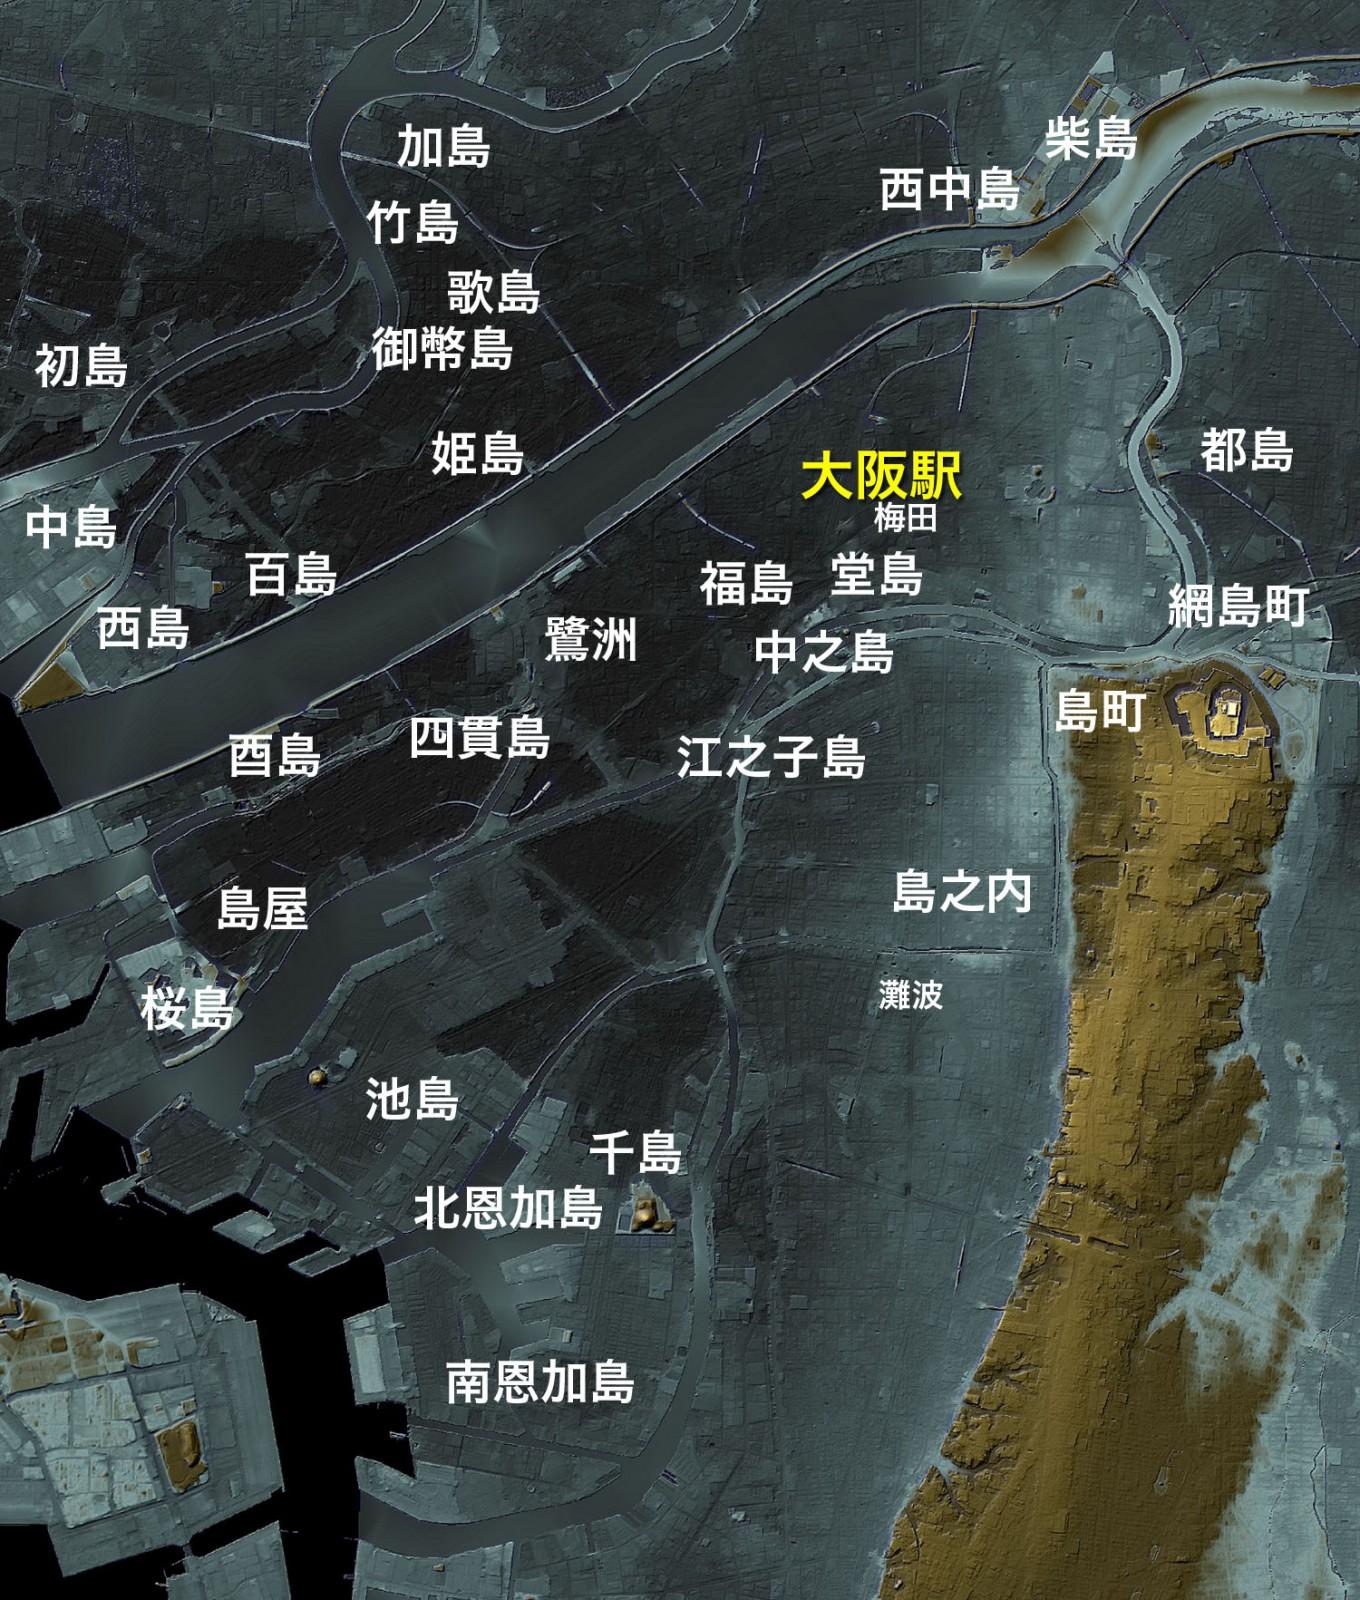 「島」がつく地名をプロットした大阪の地形図-上町台地西側の低地には「島」が付く地名が集中している。大阪都心部の主要な町は、旧淀川と旧大和川などが運んでくる土砂によって陸地化していったのだ。